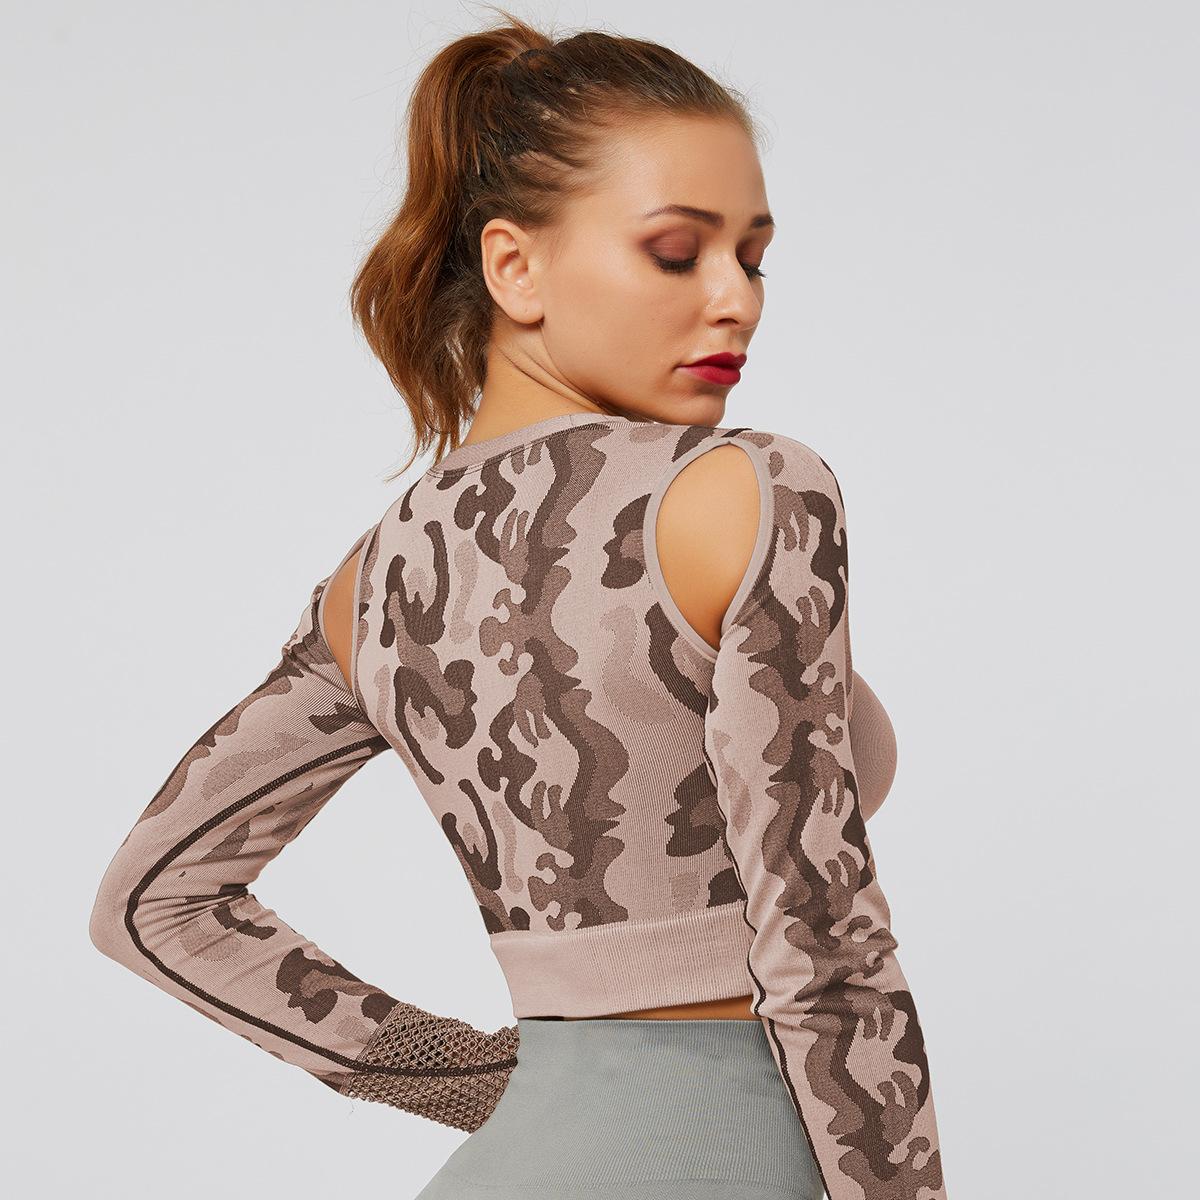 Camo Design Long Sleeves Top 7